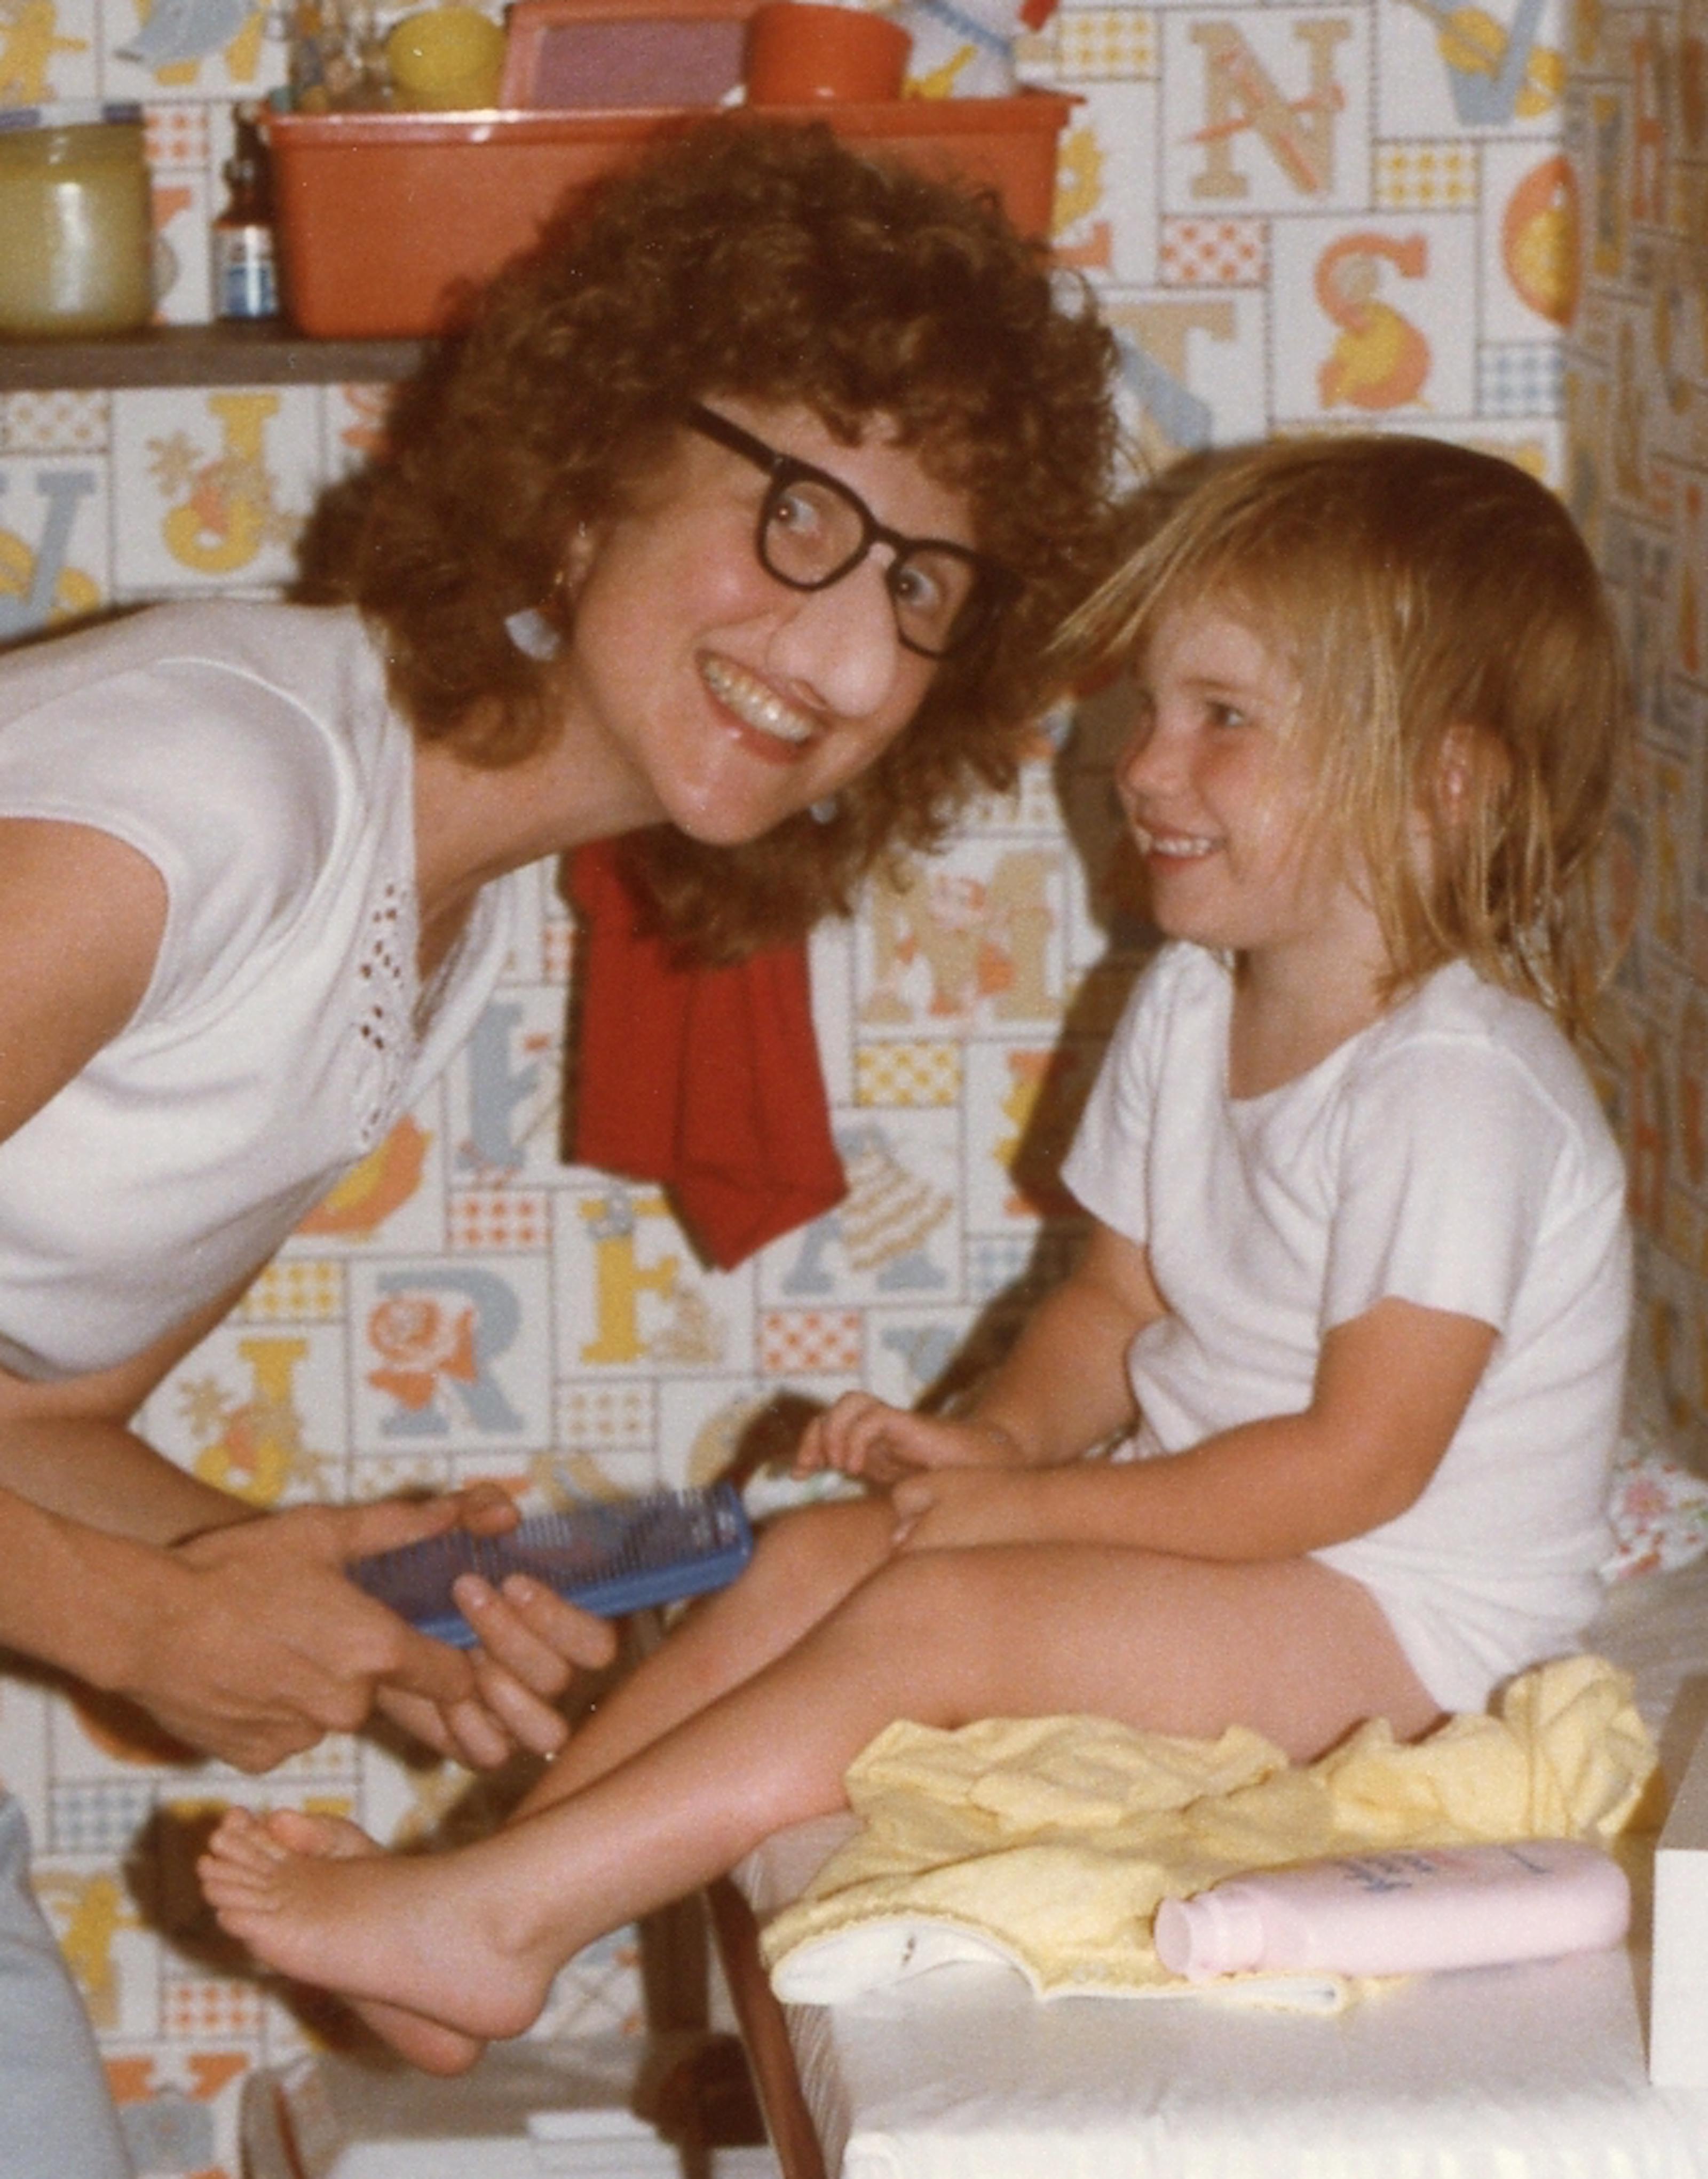 1984 nose glasses